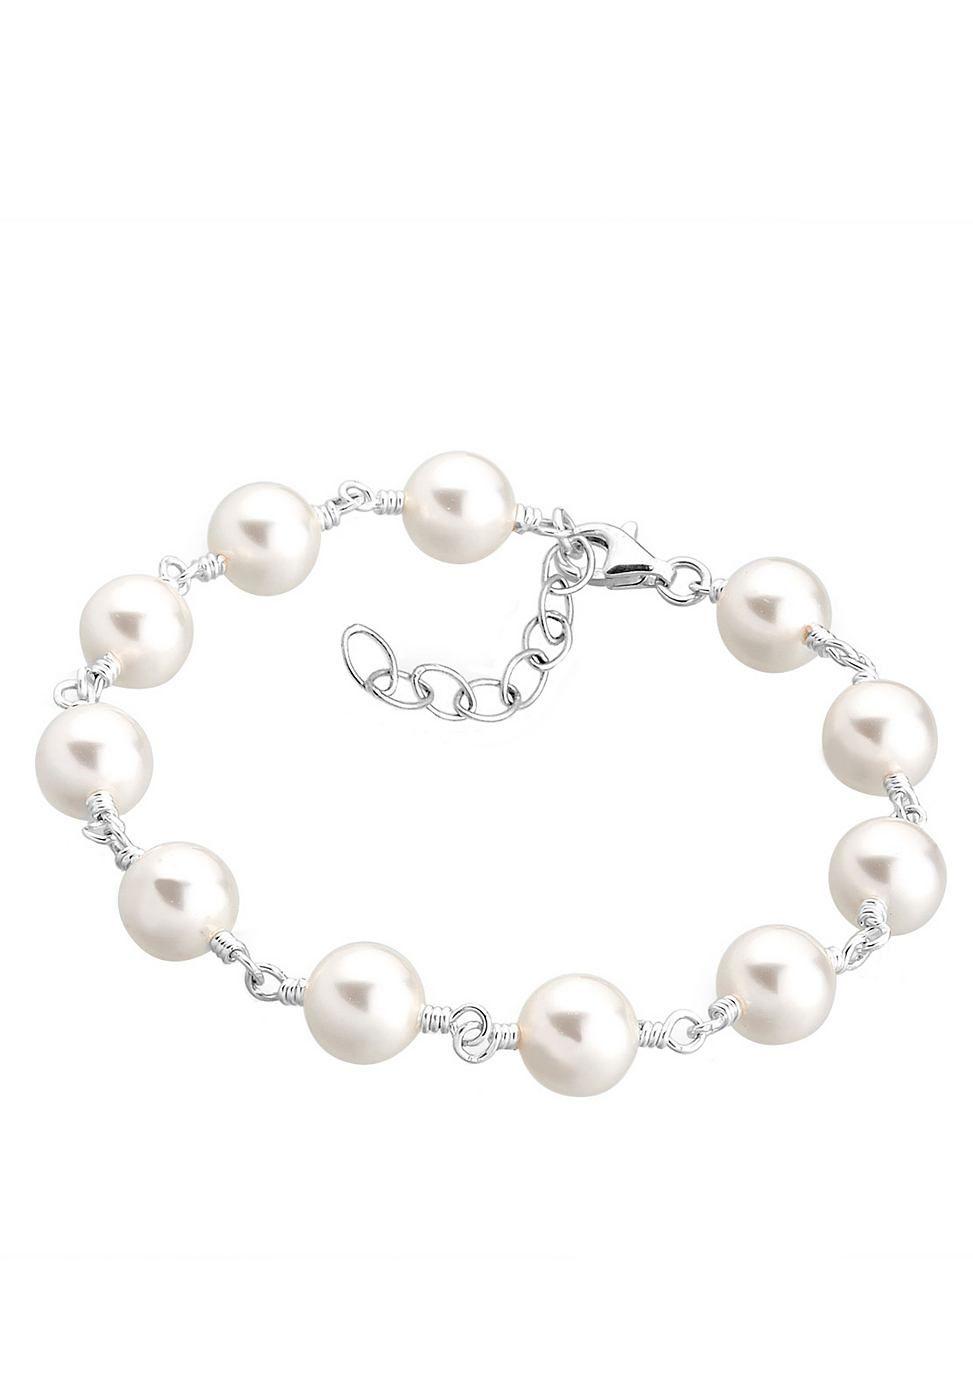 Wunderschönes Perlen Armband mit Kristallen von Swarovski in CRYSTAL WHITE, einem seidigen Weiß. Das Armband kann bis zu 3cm verlängert werden. Verschluss und Kettenelemente aus feinem 925er Sterlingsilber.  Produktdetails: Verschluss: Karabinerhaken, Gesamtanzahl Perlen: 11, Perlenart: Süßwasser-Zuchtperle, Perlenfarbe: weiß, PerlengrËï¬e: 8.0mm, Perlenglanz: Hoher Glanz, Perlenform: Rund, Per...